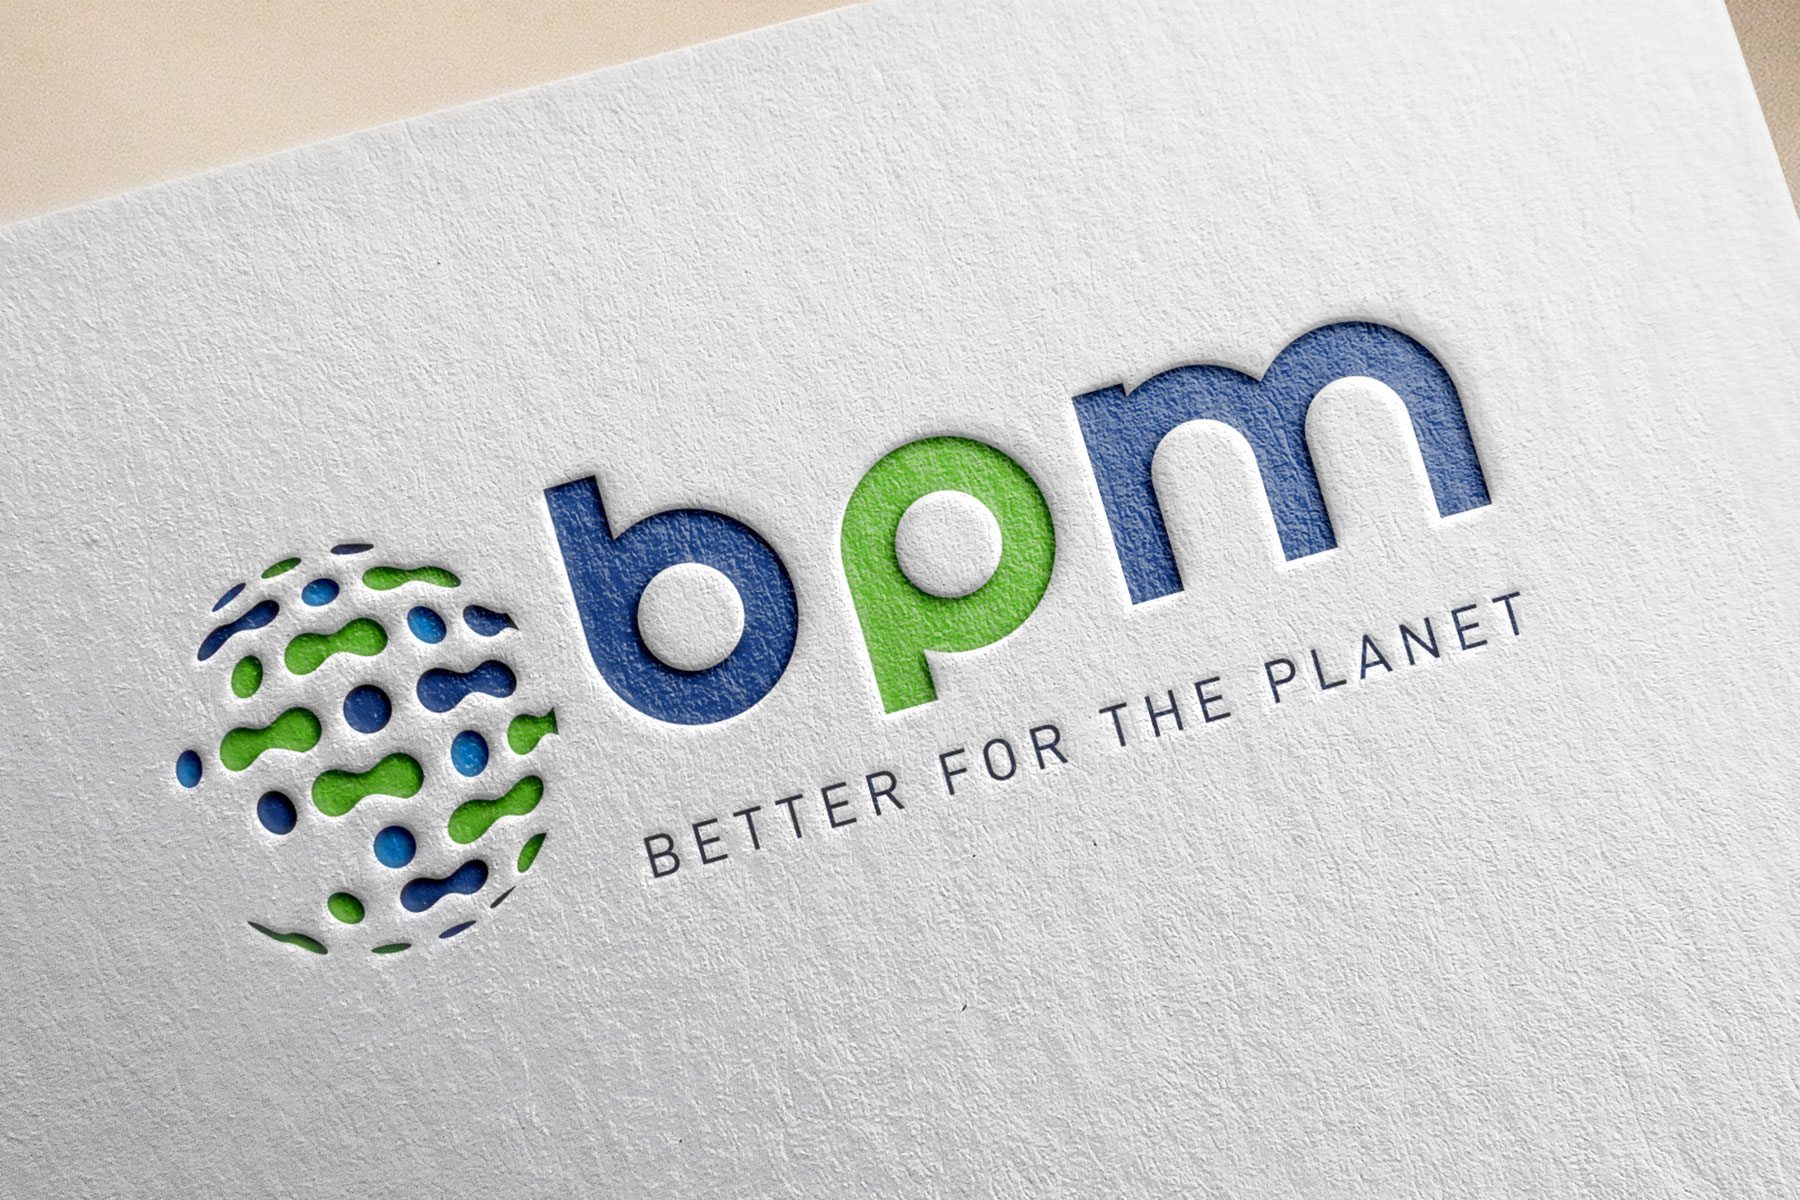 eh_referenzen_bpm_07 Projekt - BPM